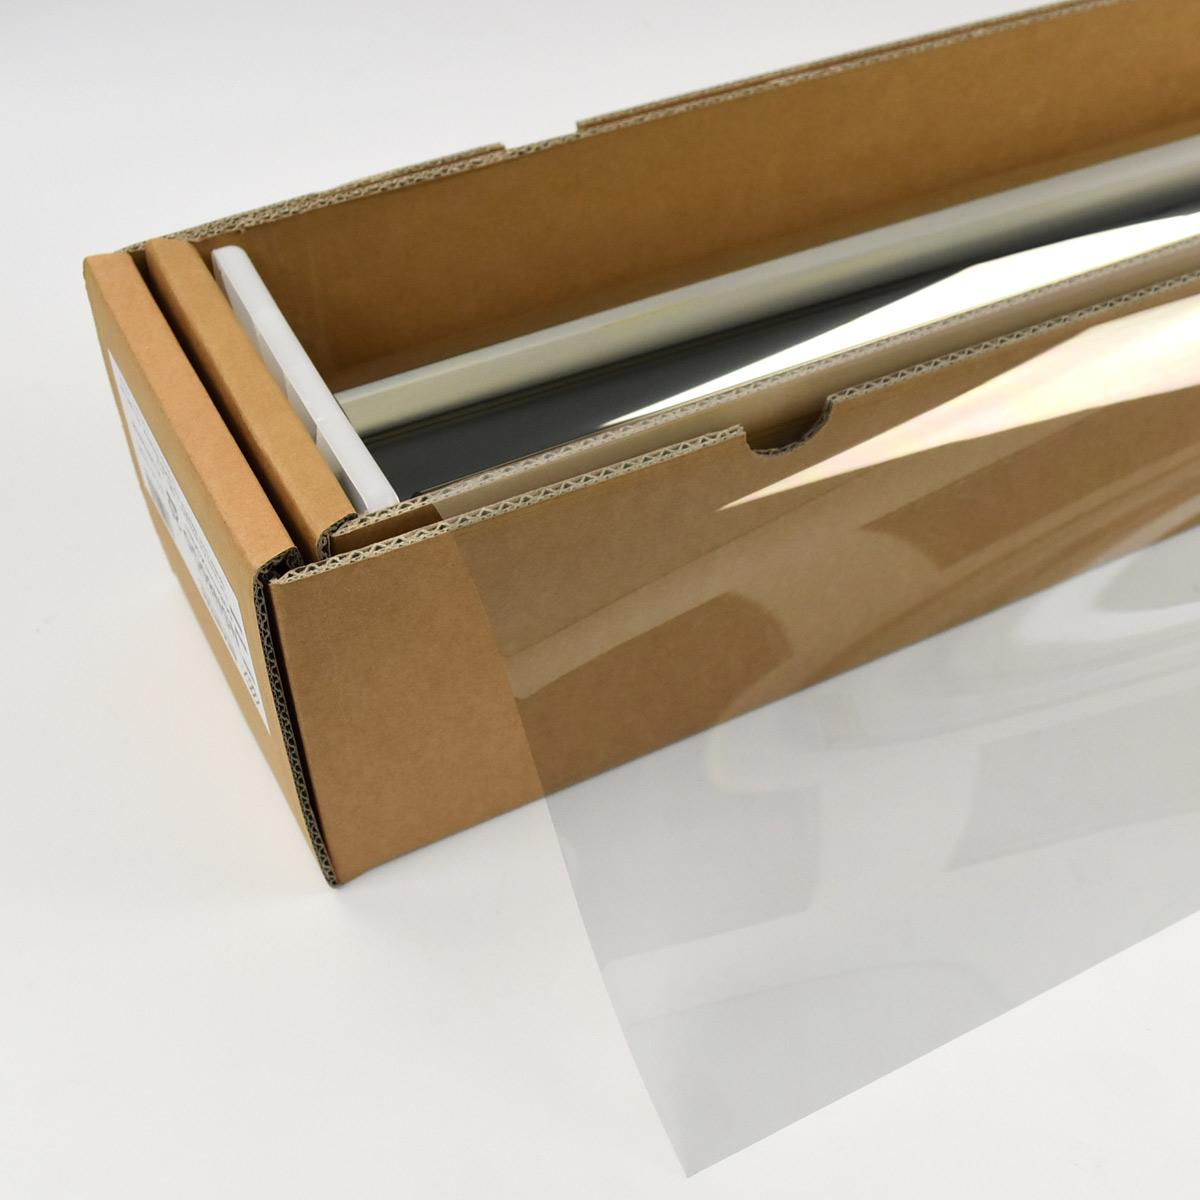 送料無料 ウィンドウフィルム 窓ガラスフィルム スパッタゴールド80 1.5m幅×30mロール箱売(020) 遮熱フィルム 断熱フィルム UVカットフィルム ブレインテック Braintec